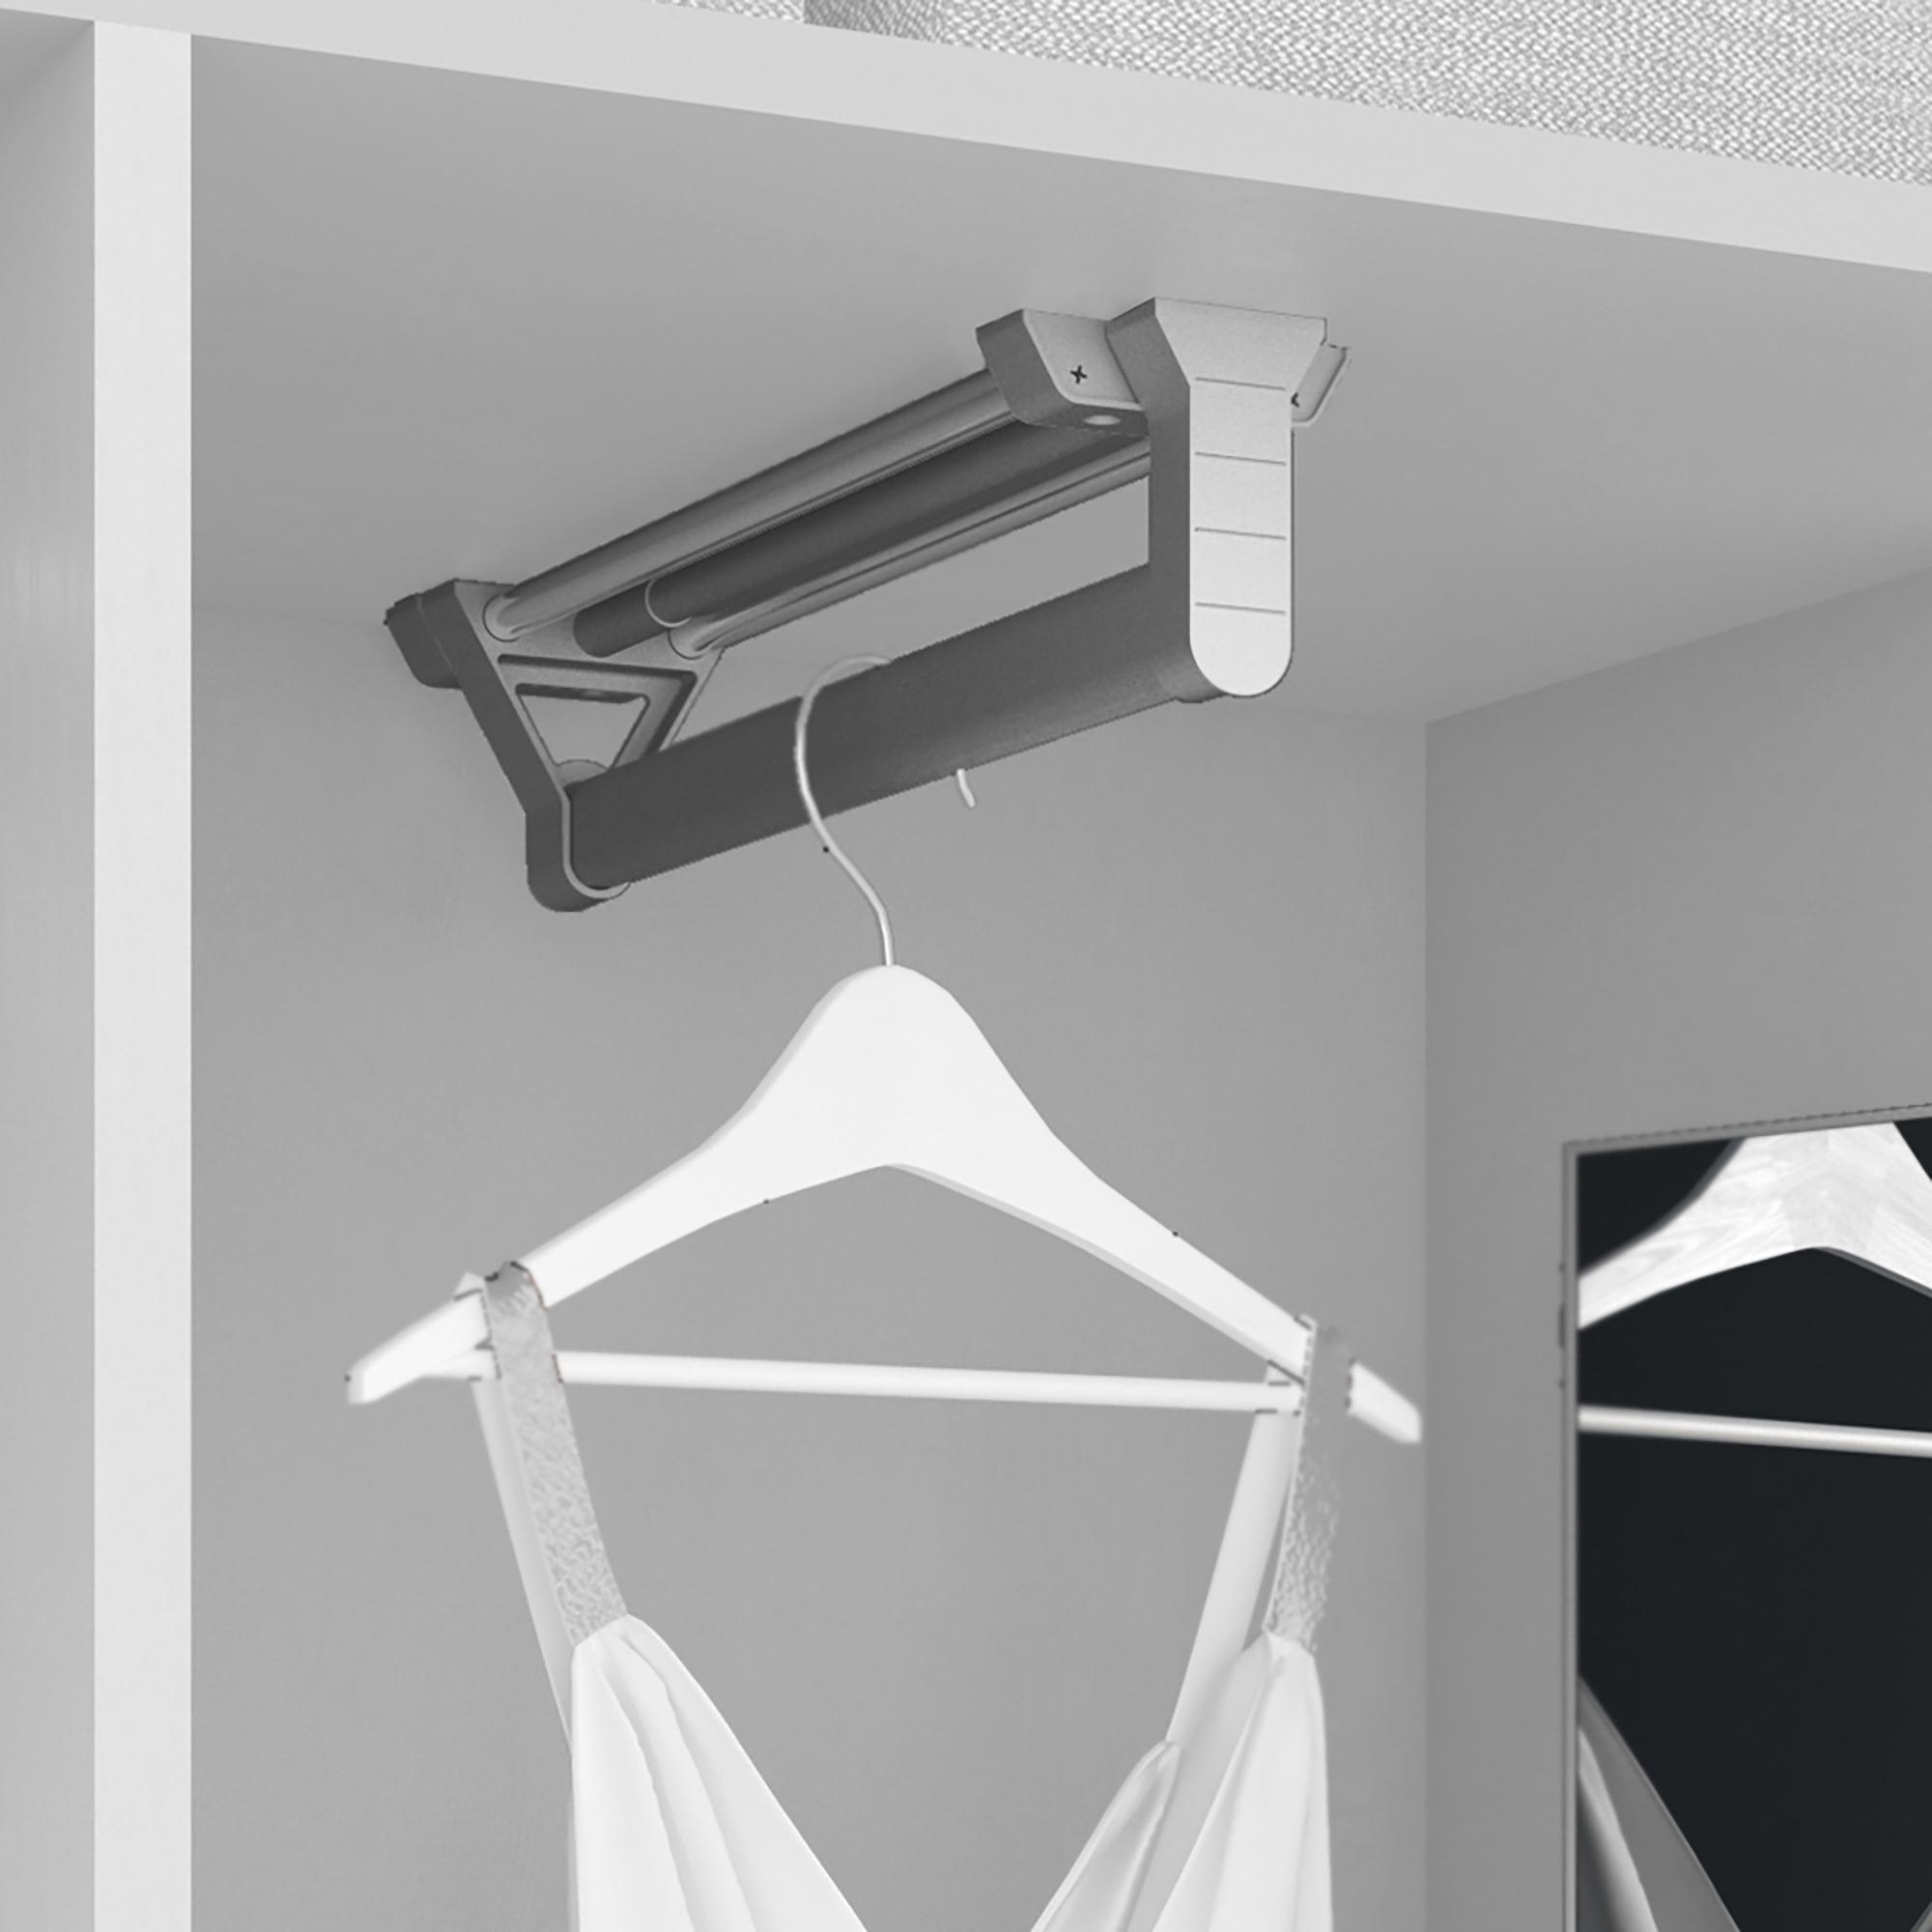 Emuca Appendiabiti estraibile per armadio, 350 mm, Alluminio e plastica, Anodizzato opaco